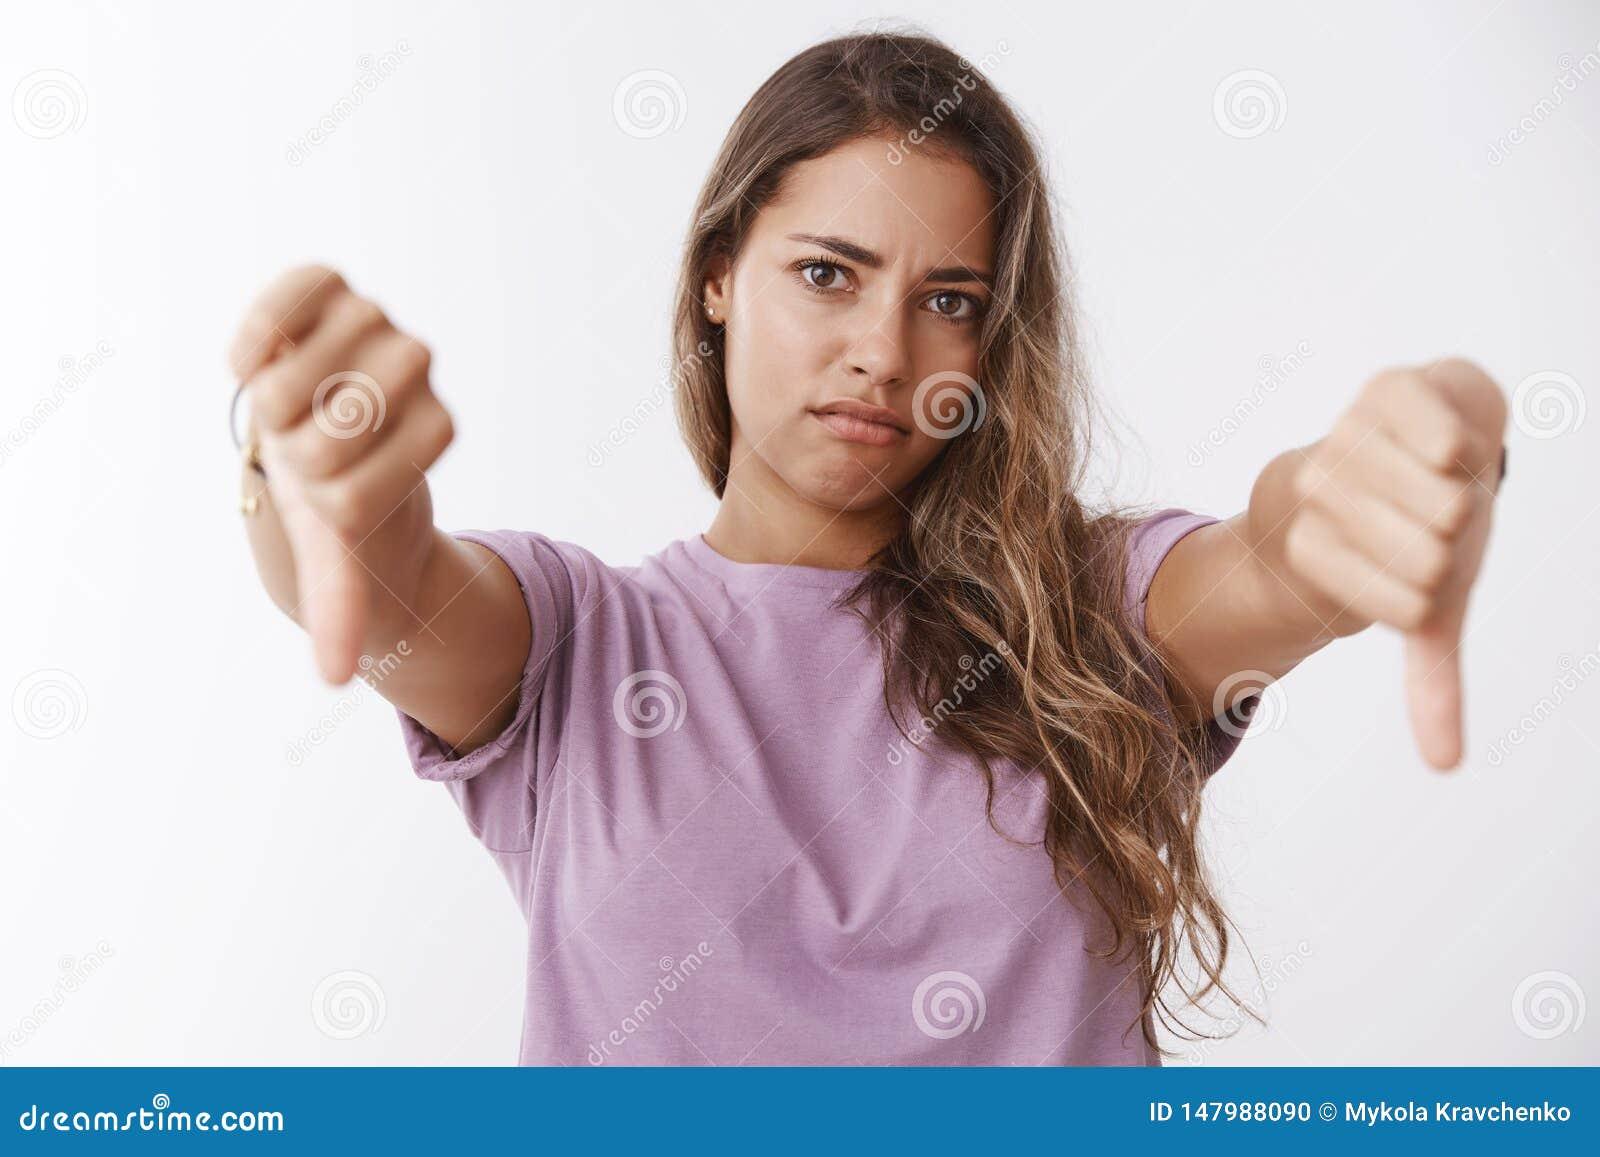 Девушка реагируя ужасную плохую идею, показывая большие пальцы руки вниз с гримасничая неутверждения, противоречит невзлюбить глу